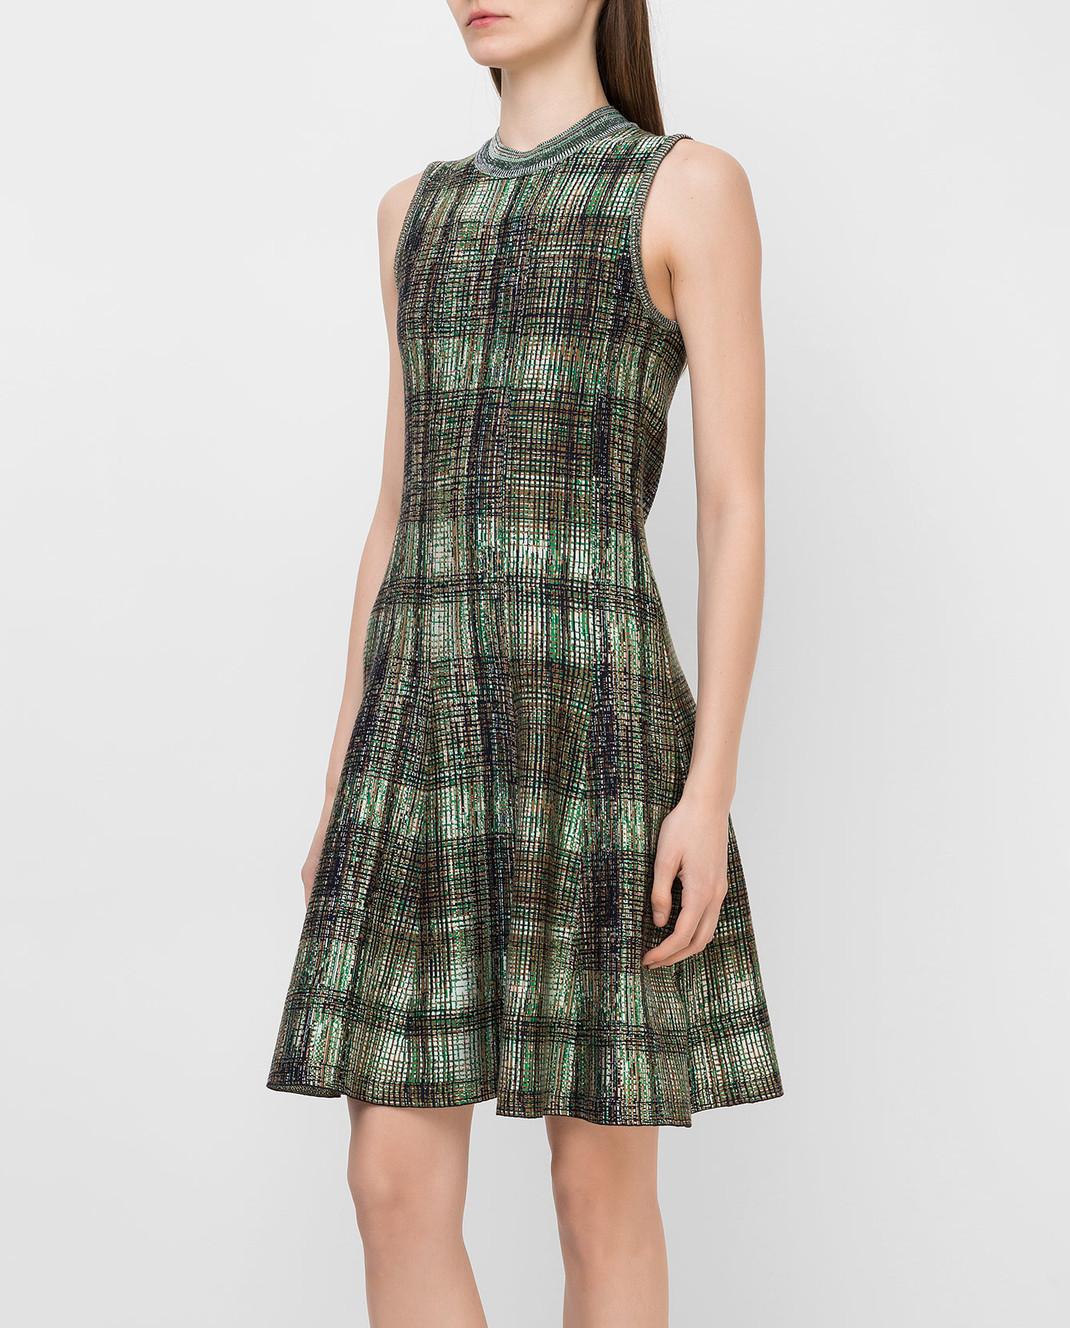 Victoria Beckham Платье из шелка и шерсти DRKNT6455 изображение 3